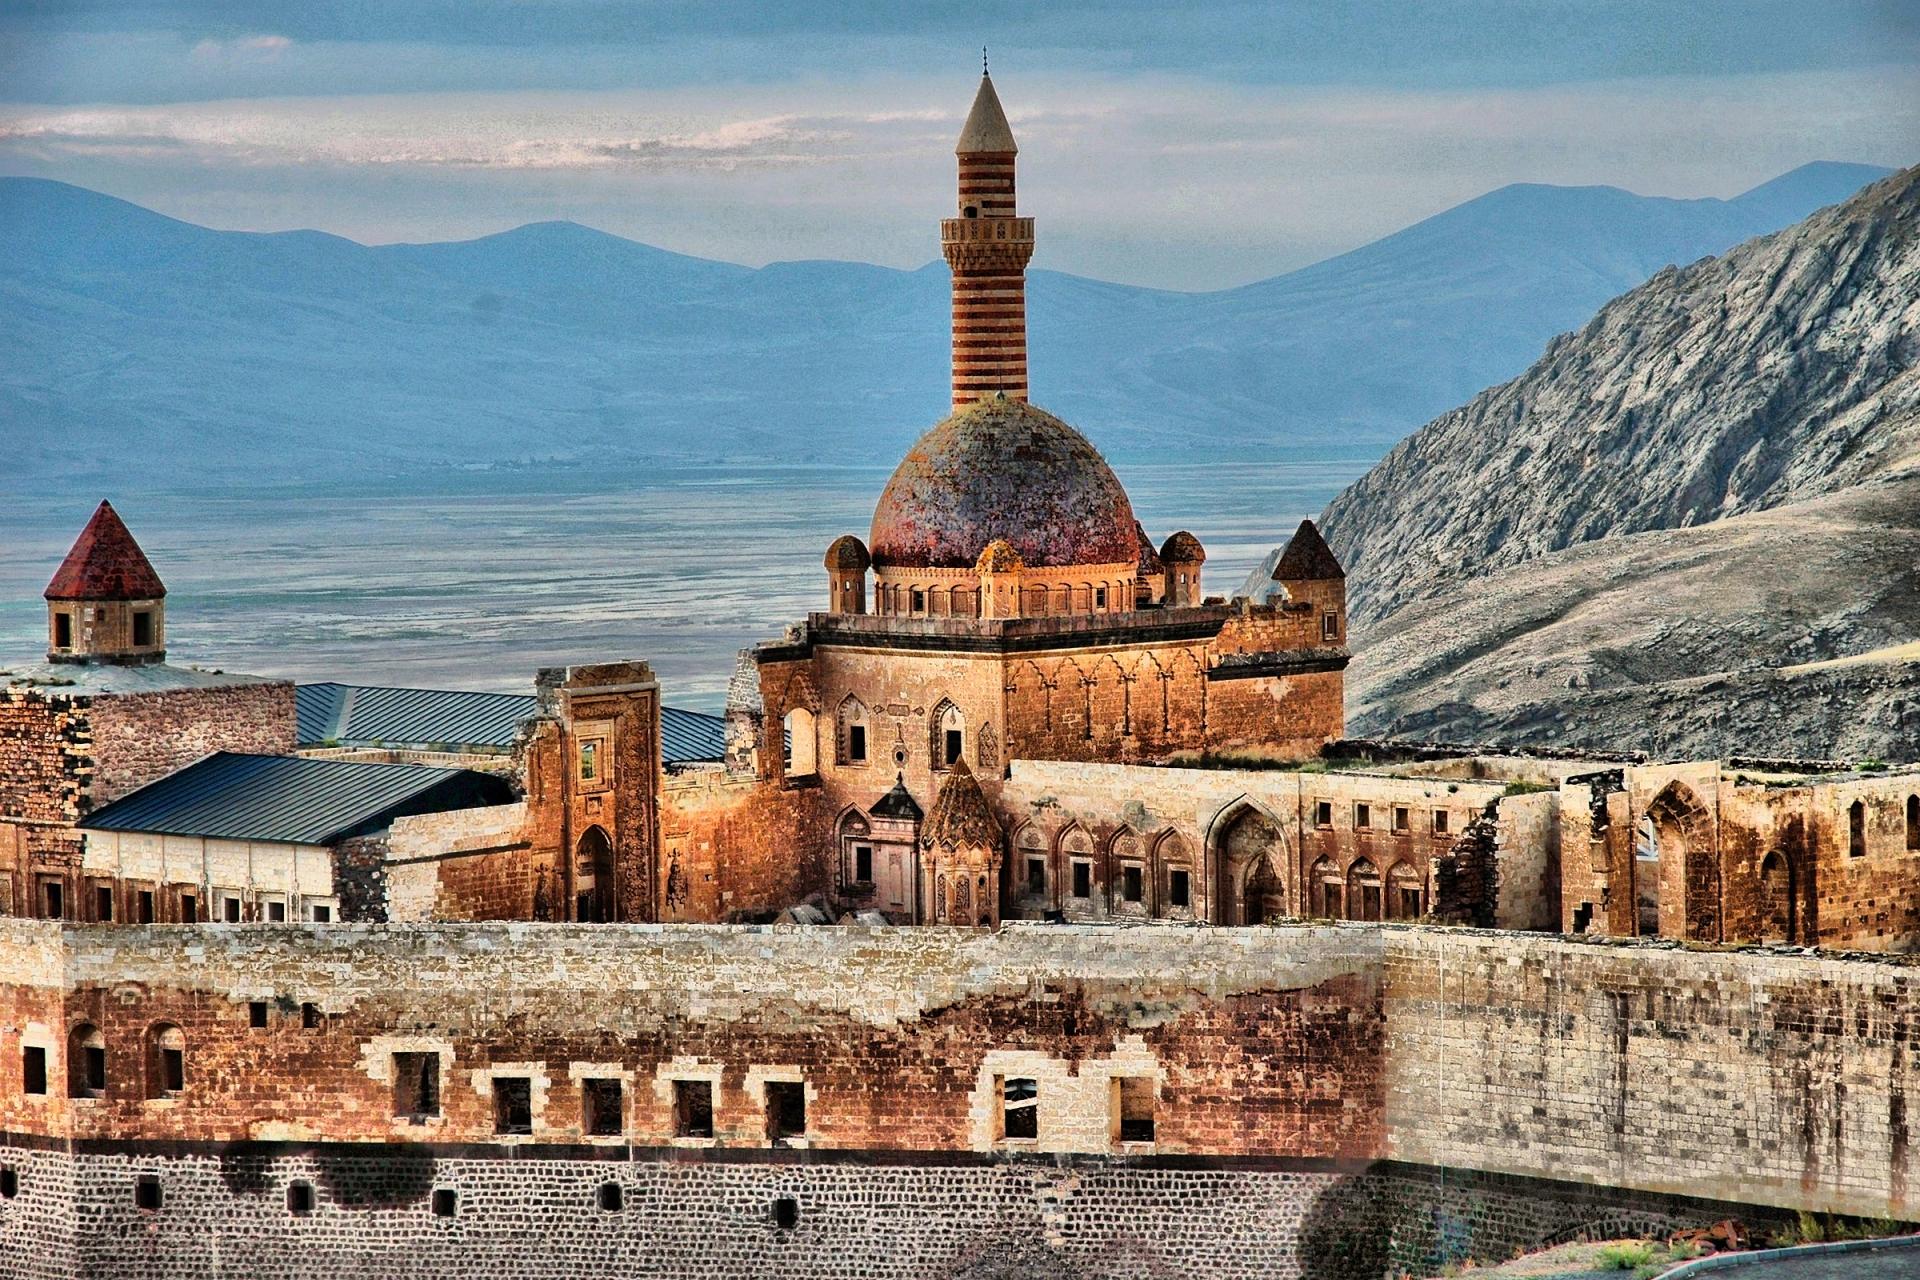 Lâu đài cuối cùng của đế chế lừng danh một thời ở Thổ Nhĩ Kỳ